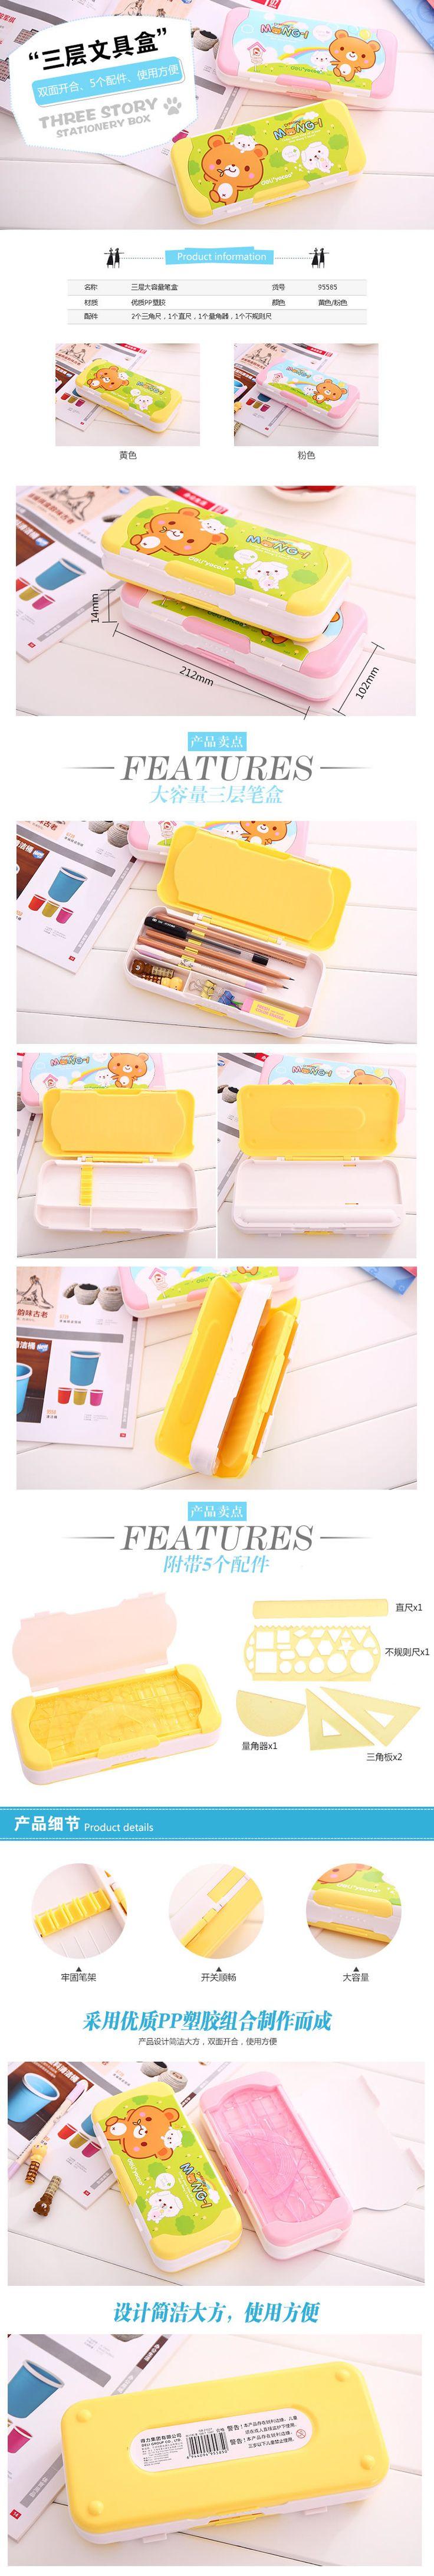 Eficaz 95585 caricatura caixa papelaria multifuncional crianças de três camada de plástico caixa de lápis caixa de lápis estudantes em Estojos de Escritório & material escolar no AliExpress.com   Alibaba Group